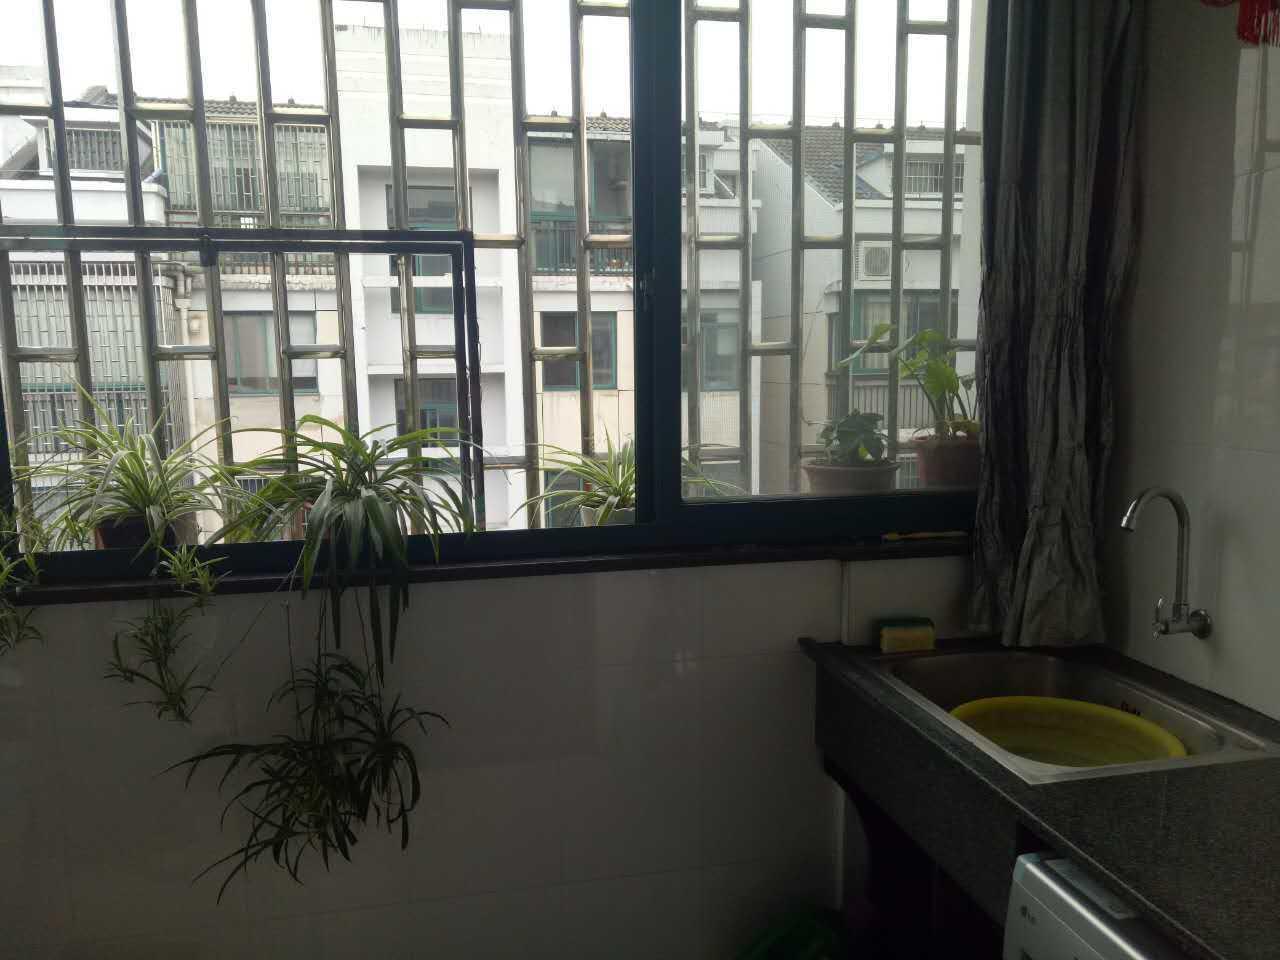 10251出售三江城水漾人家现浇房,东边套阳光充足,复式楼5+6,共170平方,有南北双阳台,6楼是外梯可独立出租,有车棚车库的实拍照片